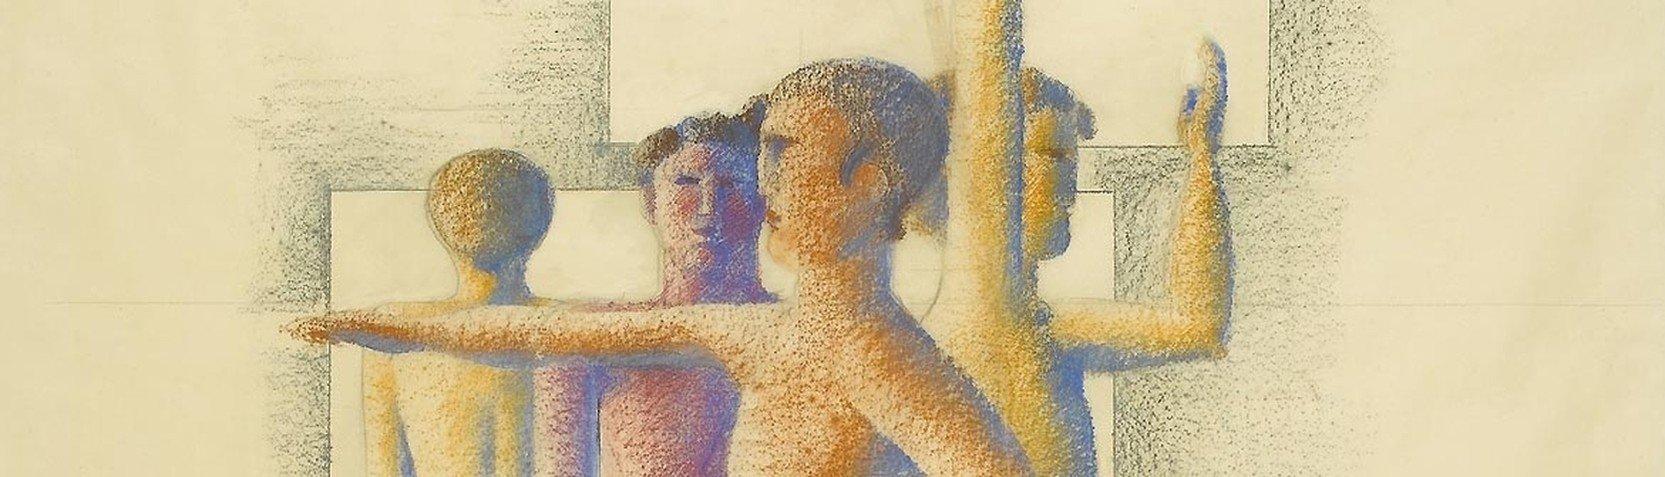 Artists - Oskar Schlemmer